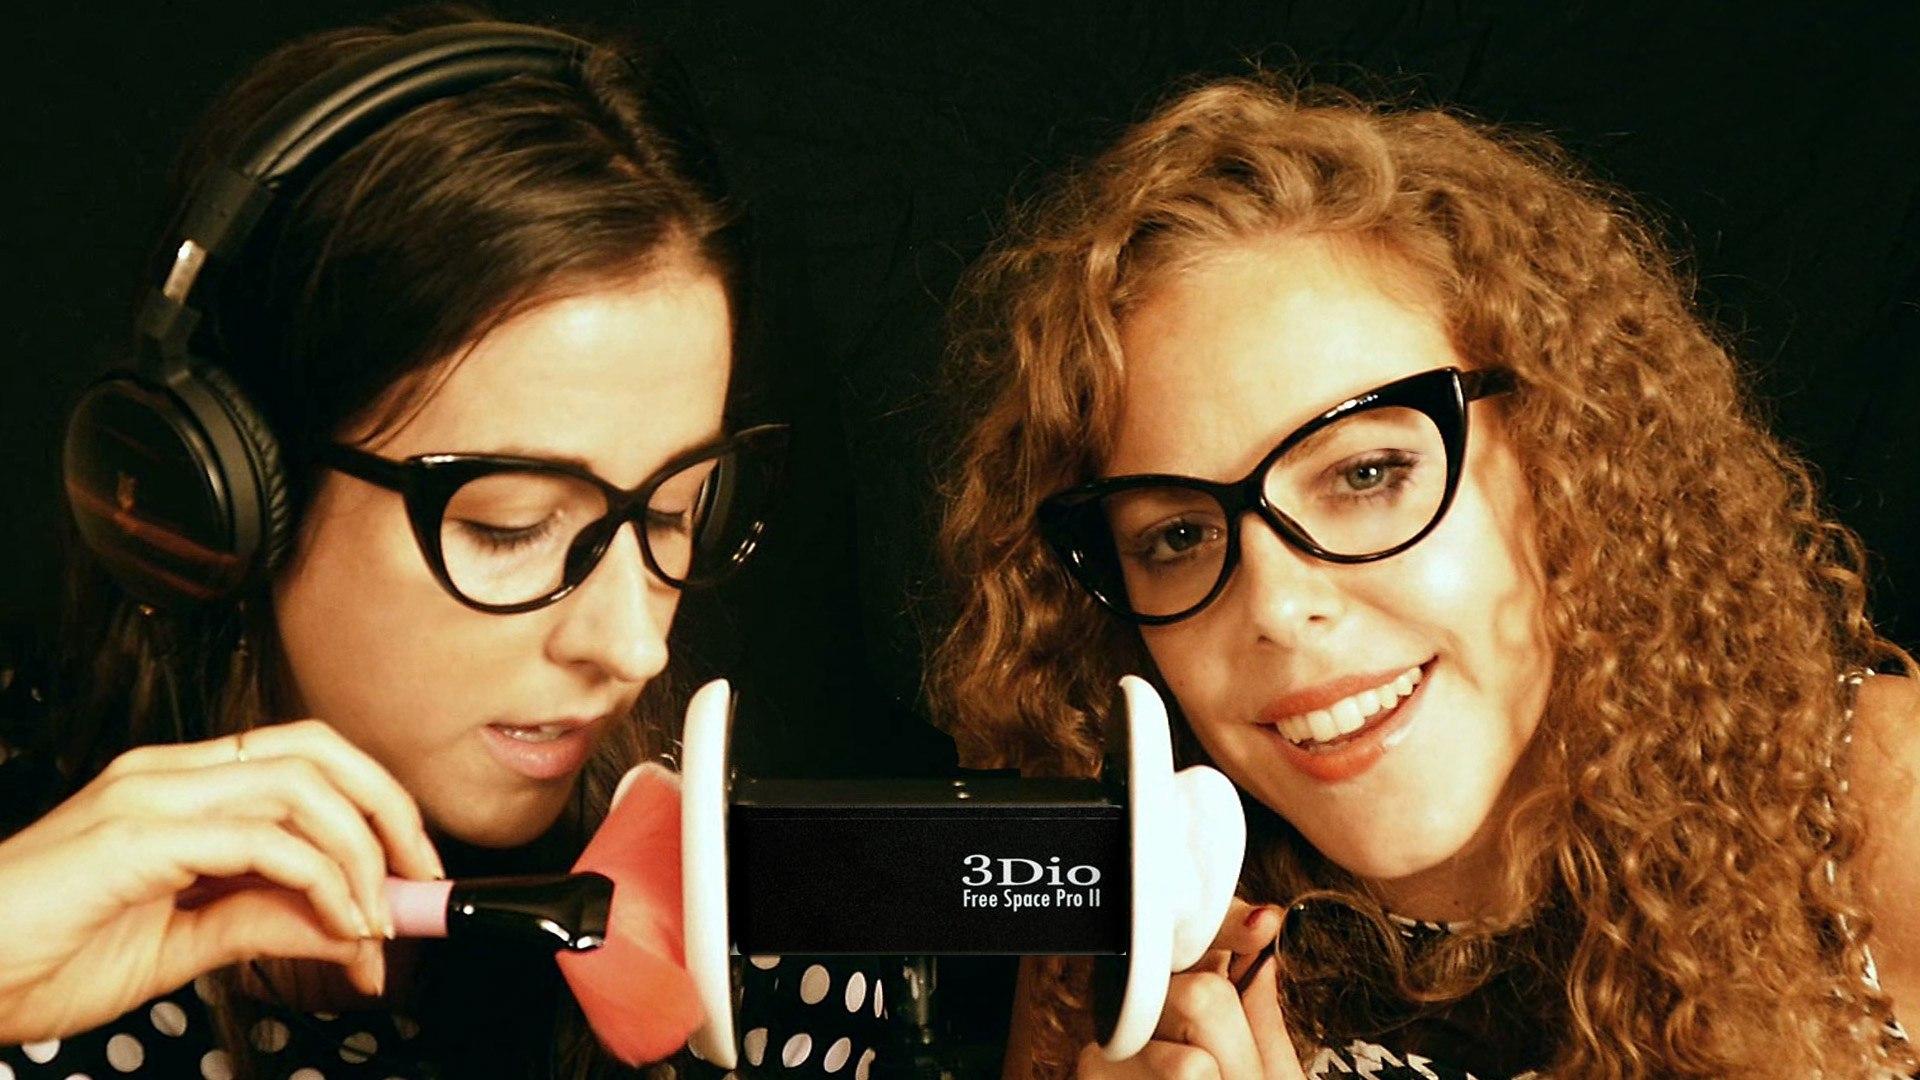 Watch Me Make Natalie Tingle! 2 Girls ASMR Ear Massage, Brushing, Whispering, Tapping